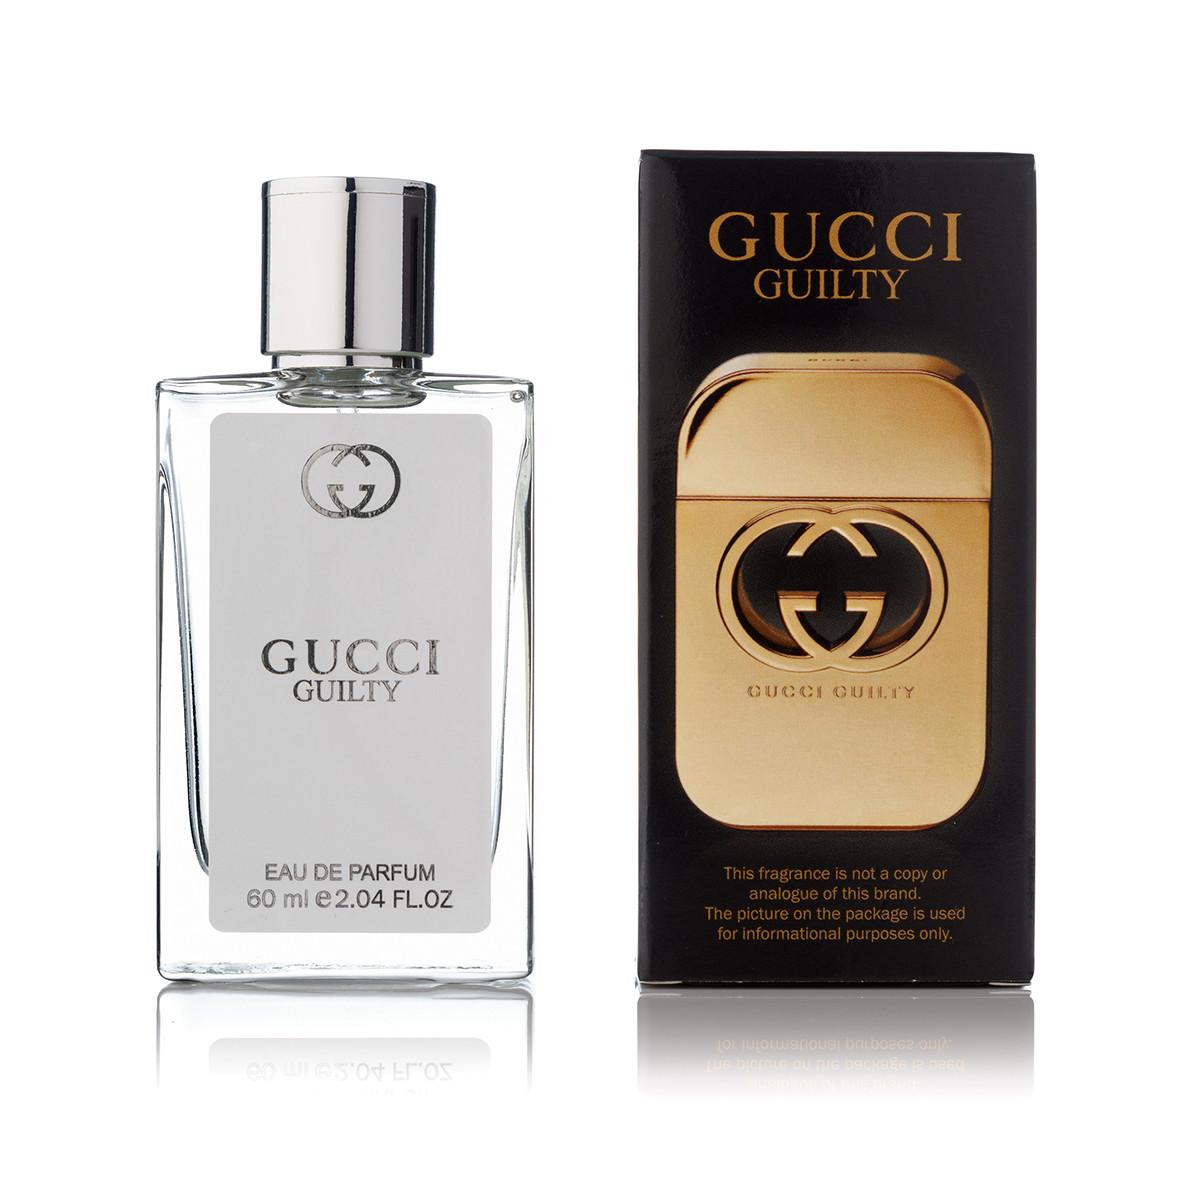 Женский парфюм Guilty Gucci (гуччи гилти) тестер 60 ml в цветной упаковке (реплика)